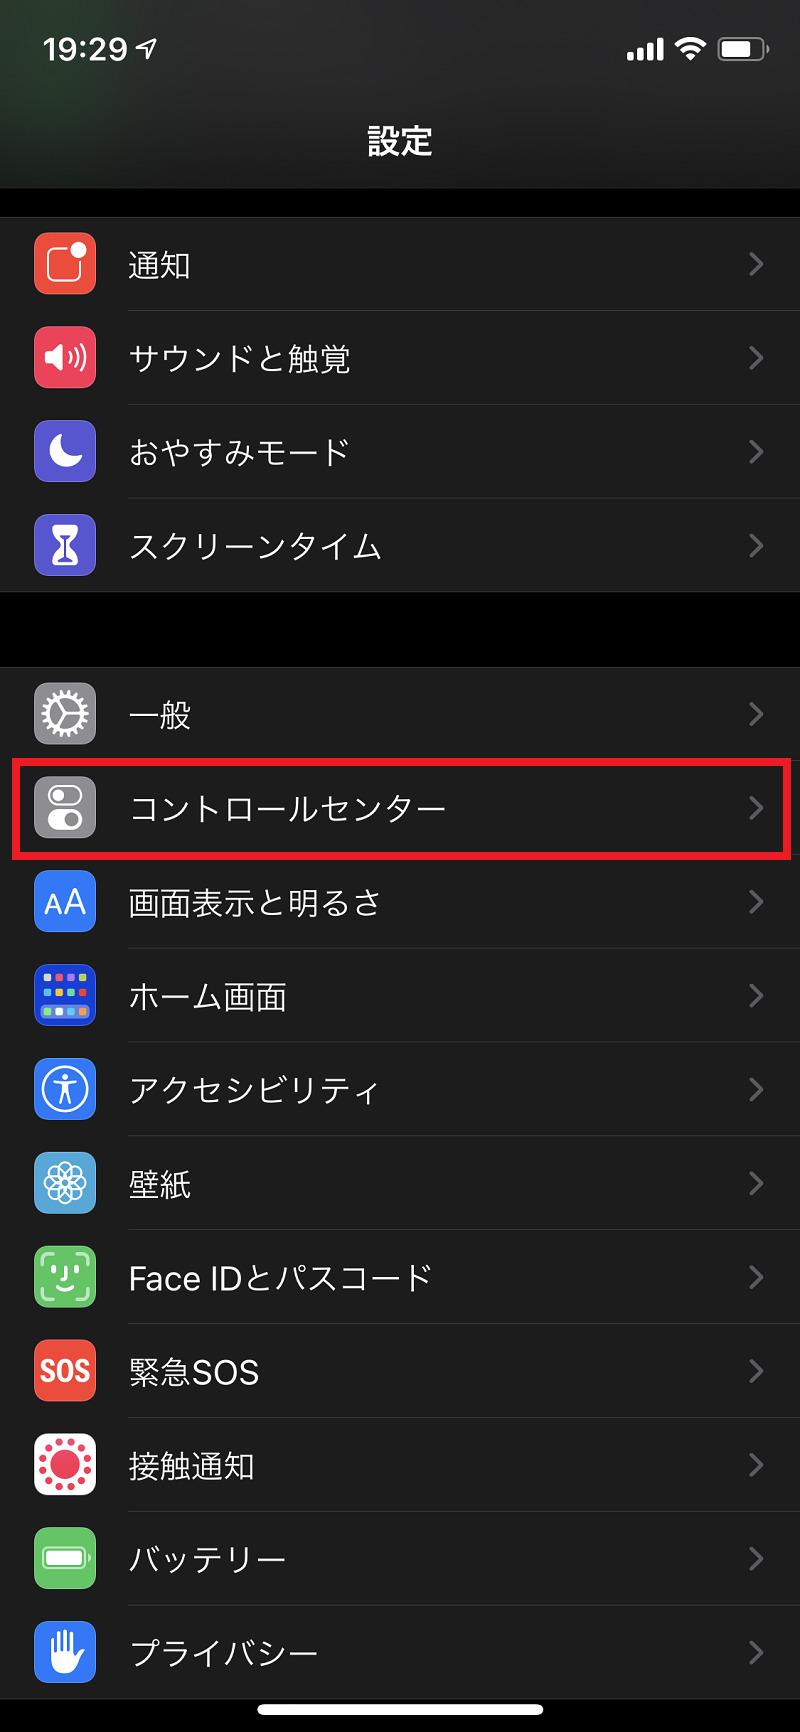 iOS AccessGuide13